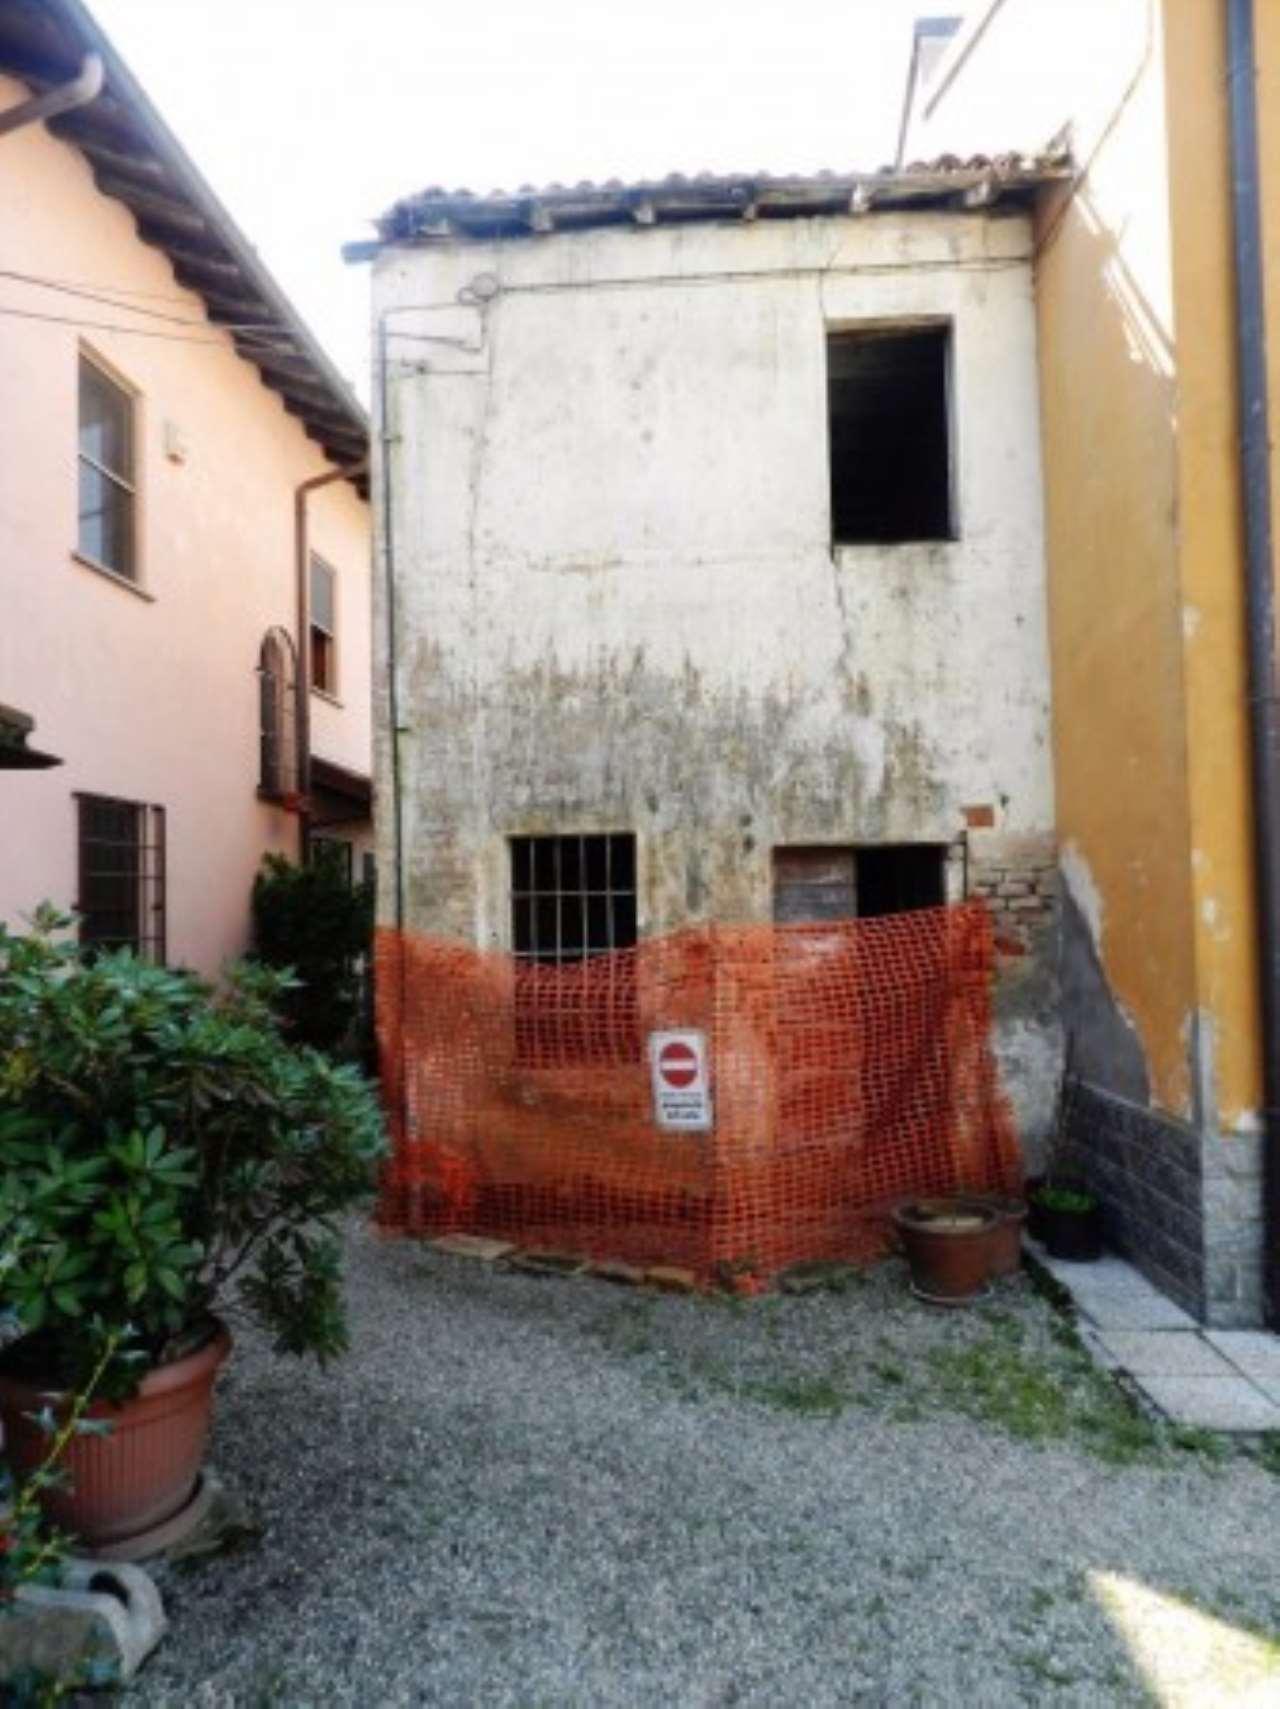 Rustico / Casale in vendita a Marcignago, 3 locali, prezzo € 25.000 | CambioCasa.it